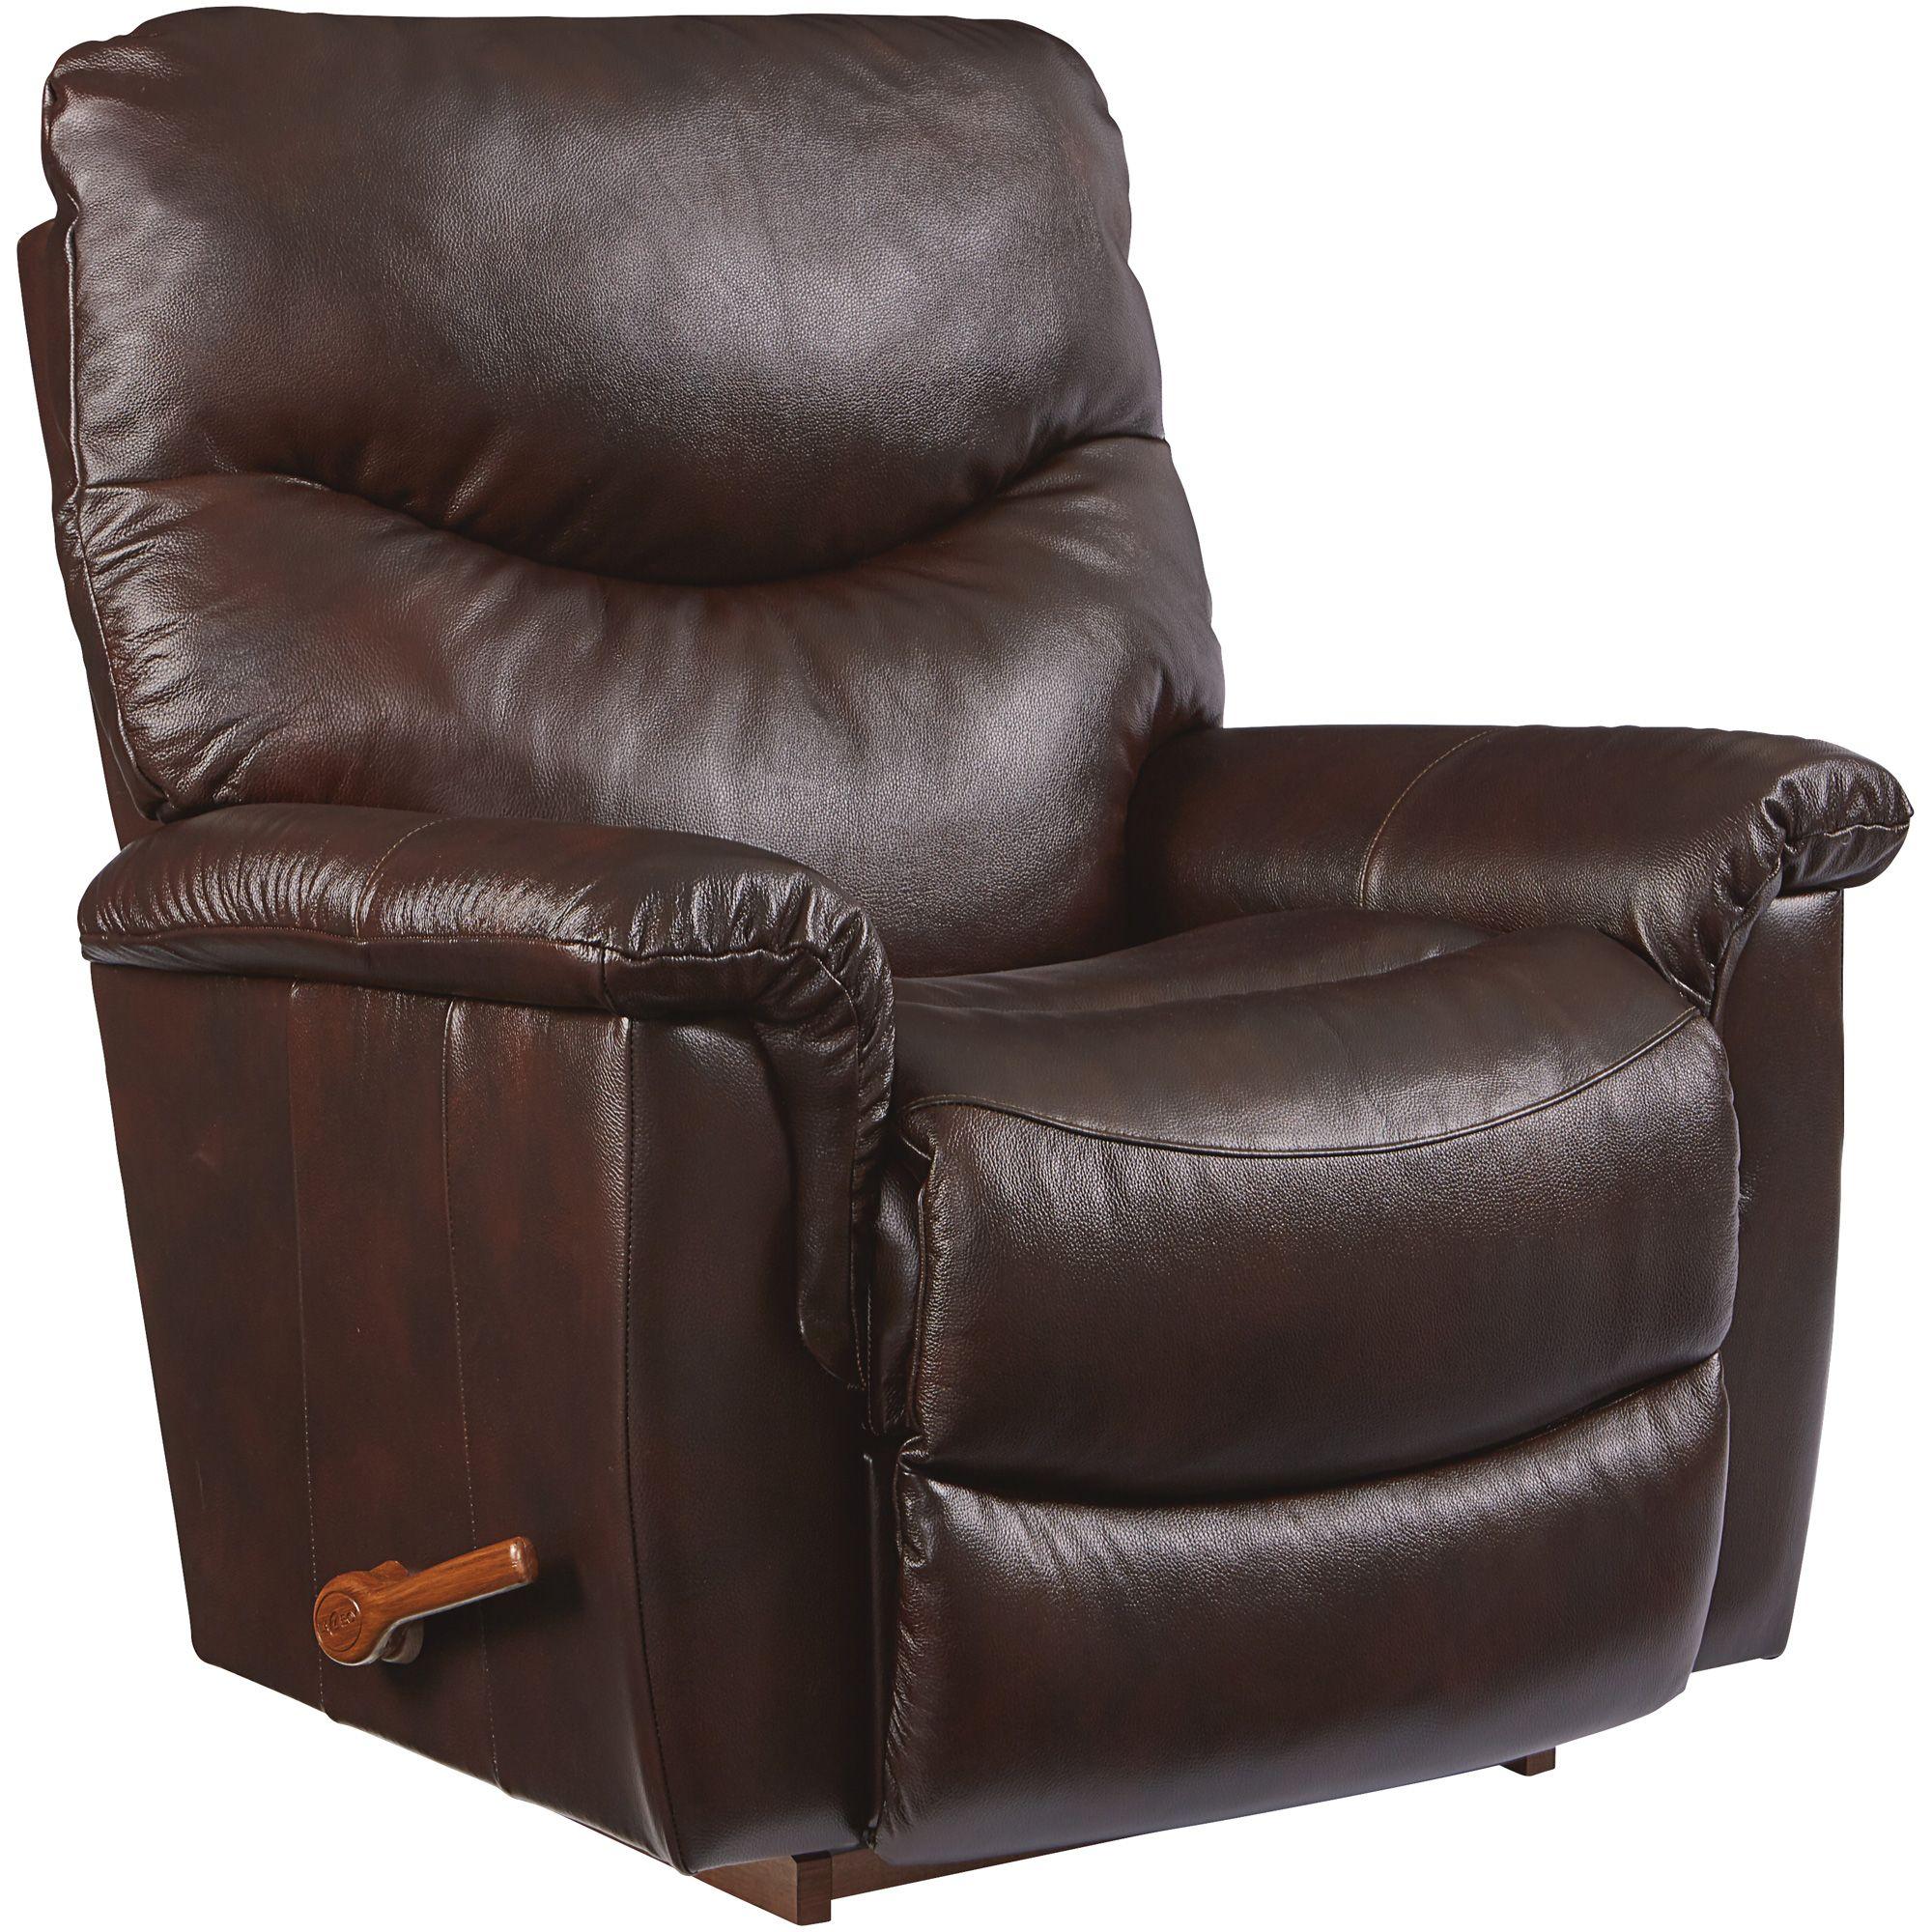 James Walnut Recliner Rocker recliners, Power recliners